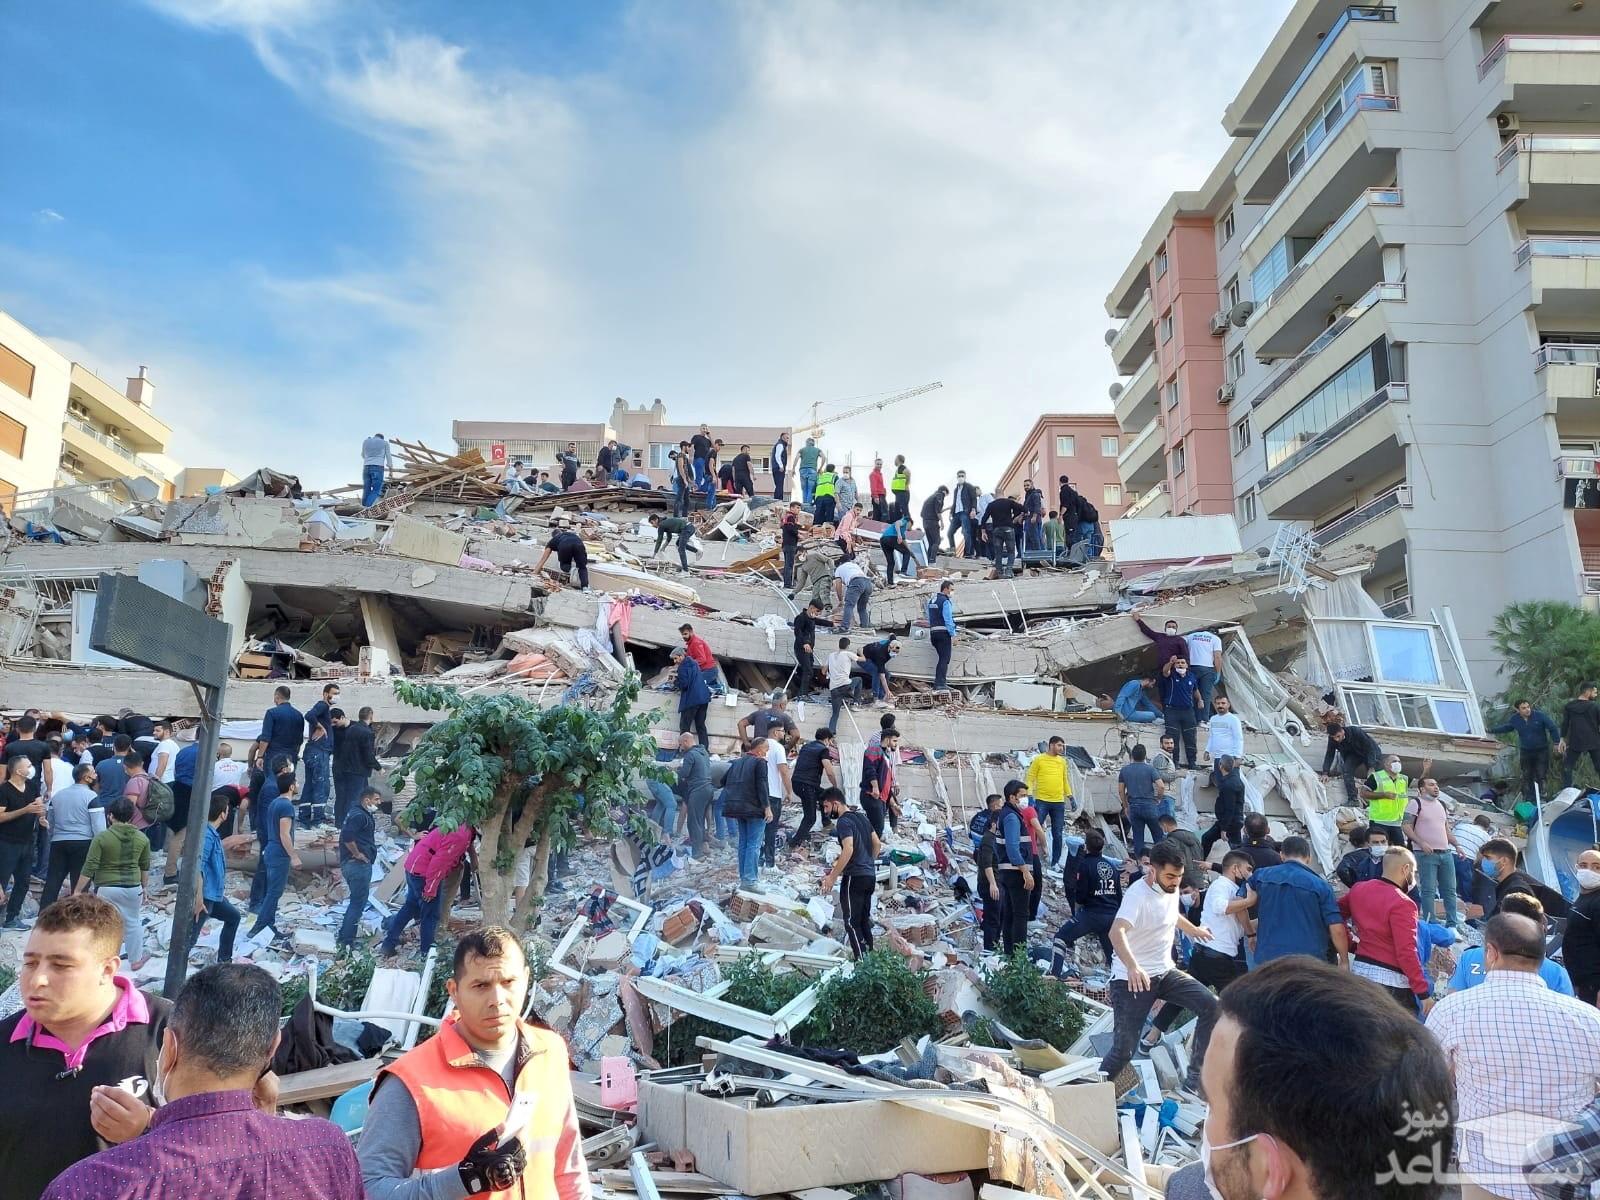 ۶ کشته و ۲۲۰ زخمی نخستین آمار زلزله ترکیه